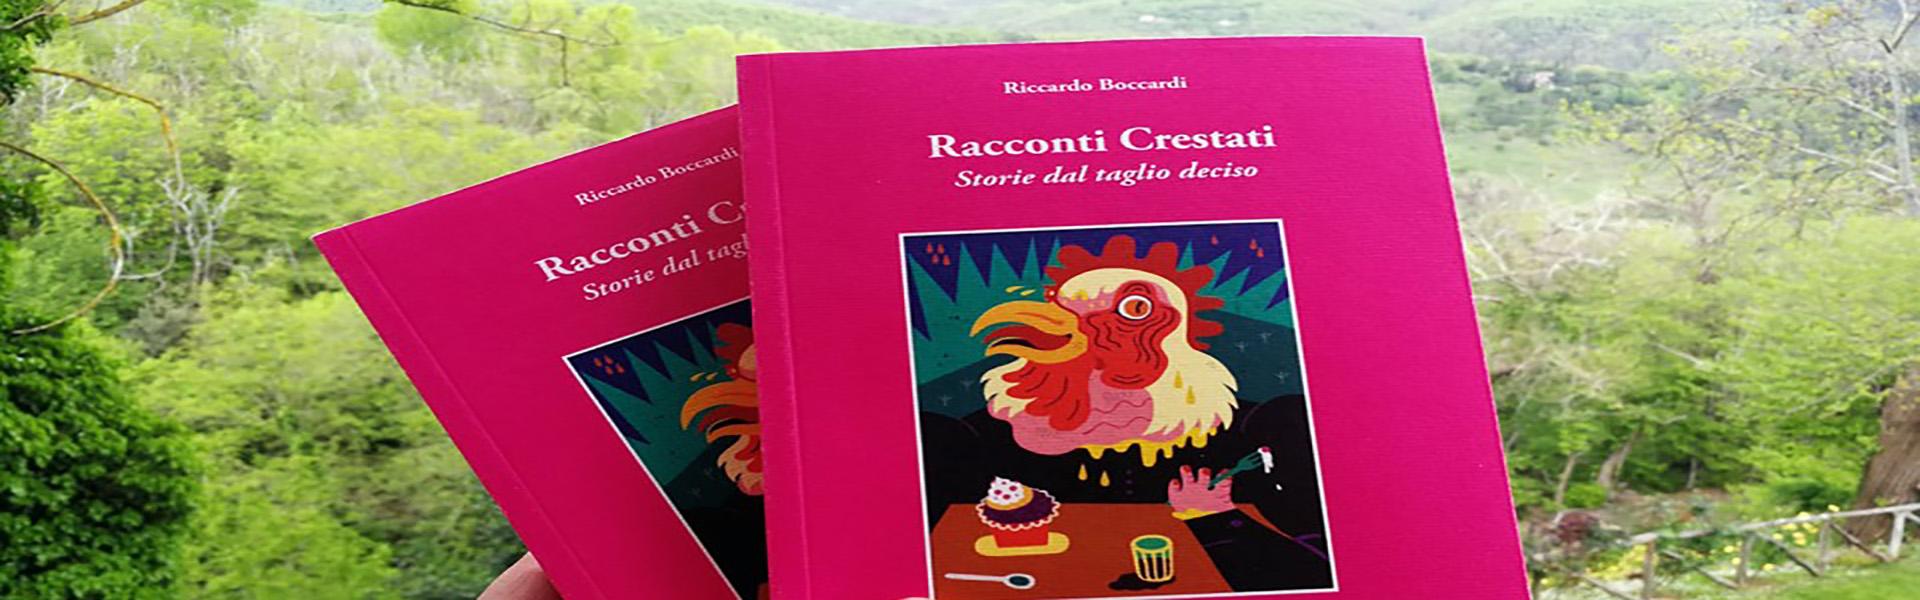 """I Colori del libro. Riccardo Boccardi a Bagno Vignoni il 15 settembre con """"Racconti Crestati"""""""